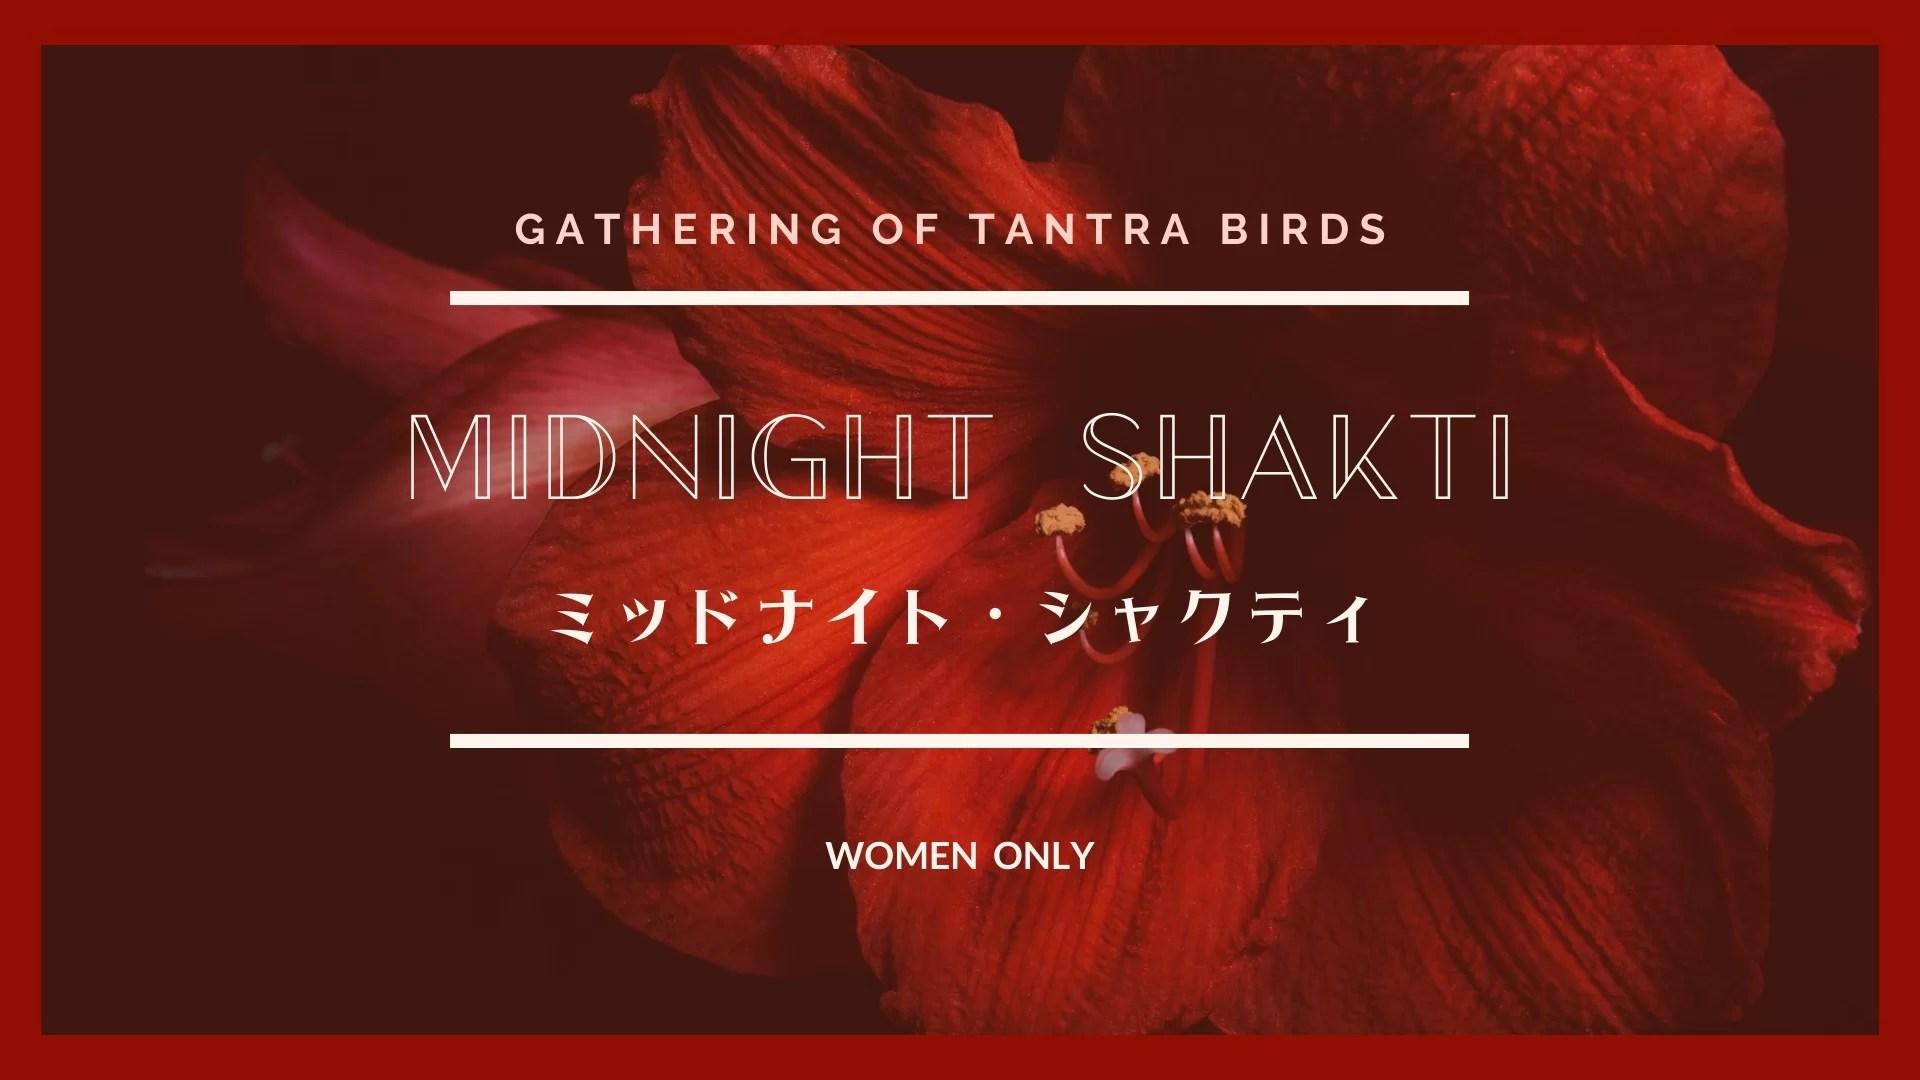 11月15日(日)新月の夜20時から2ヶ月ぶりにミッドナイト・シャクティ開催します